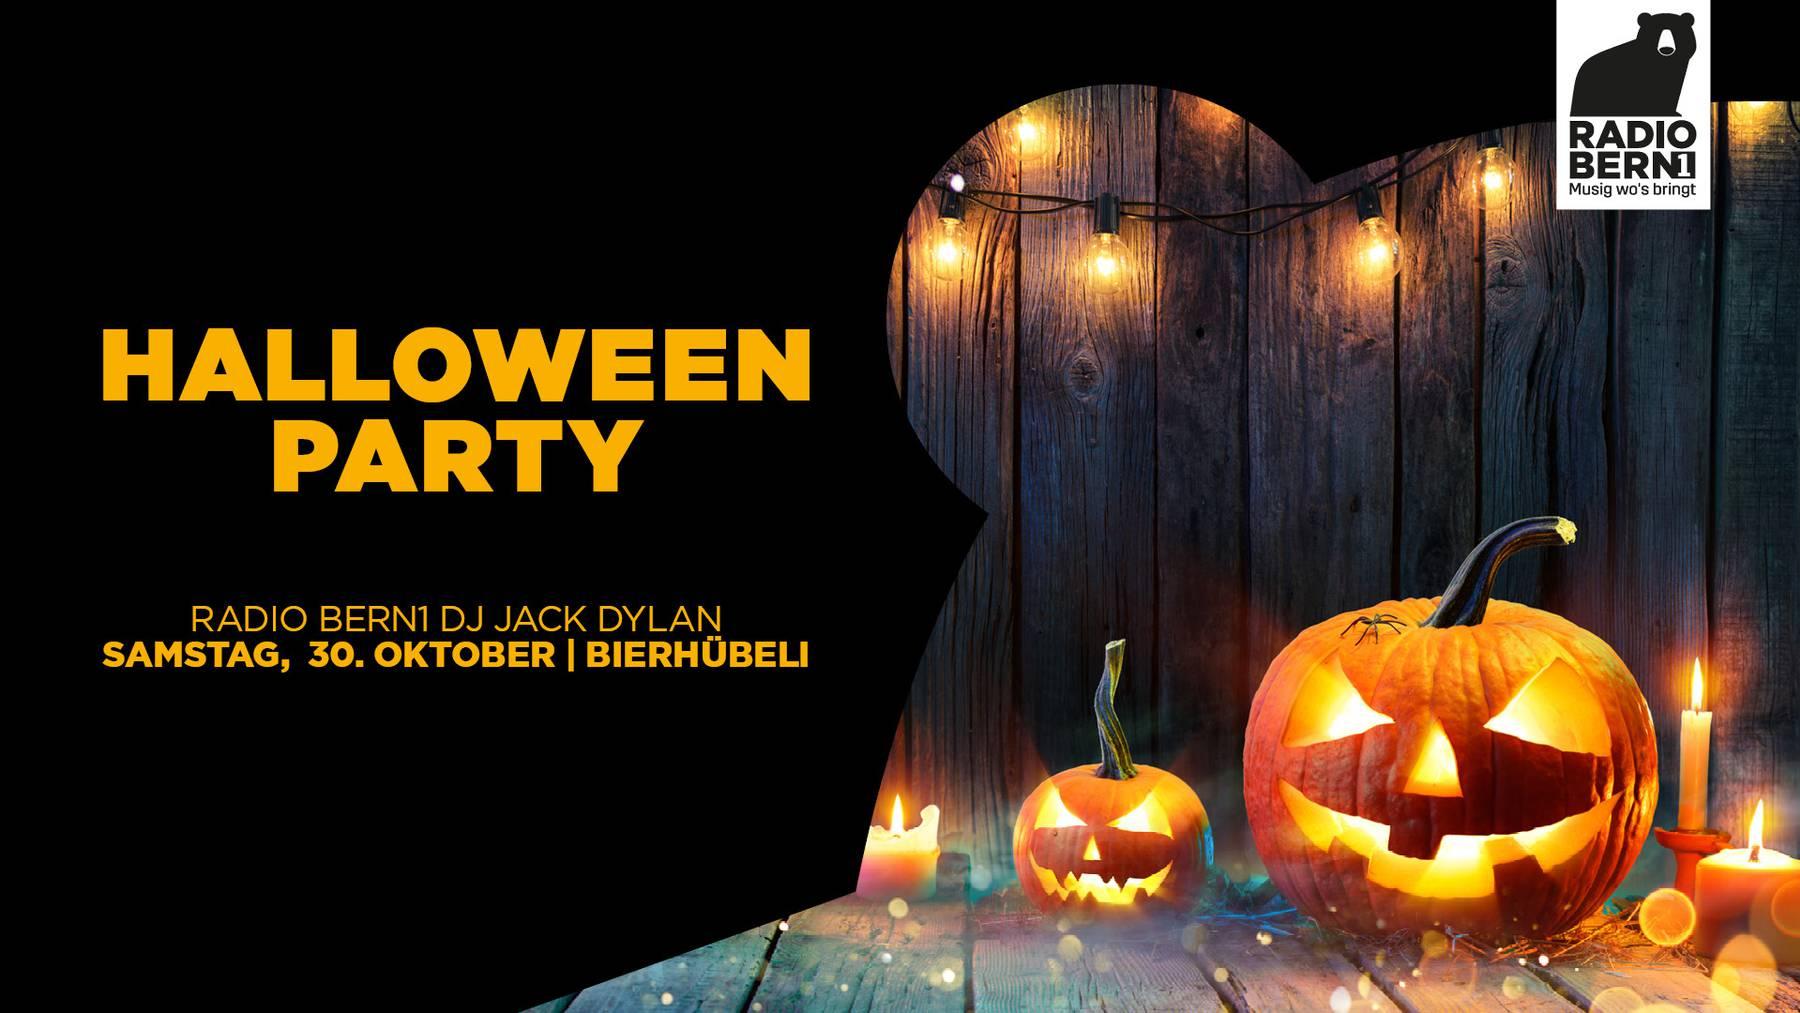 Webbild_Halloween Party_1920x1080